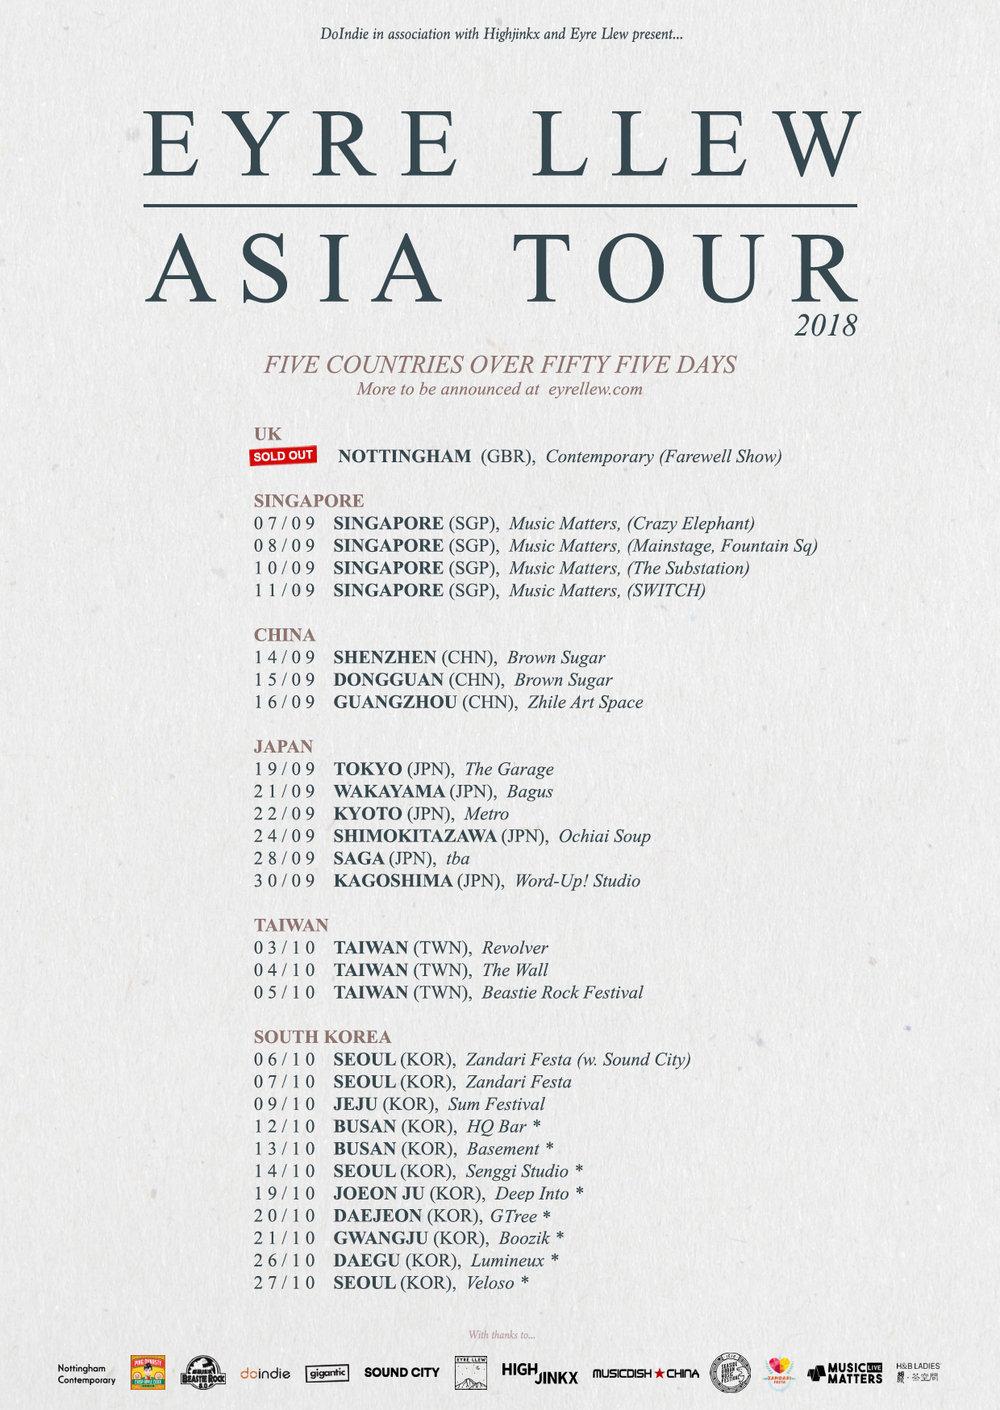 Eyre Llew Asia Tour.jpg